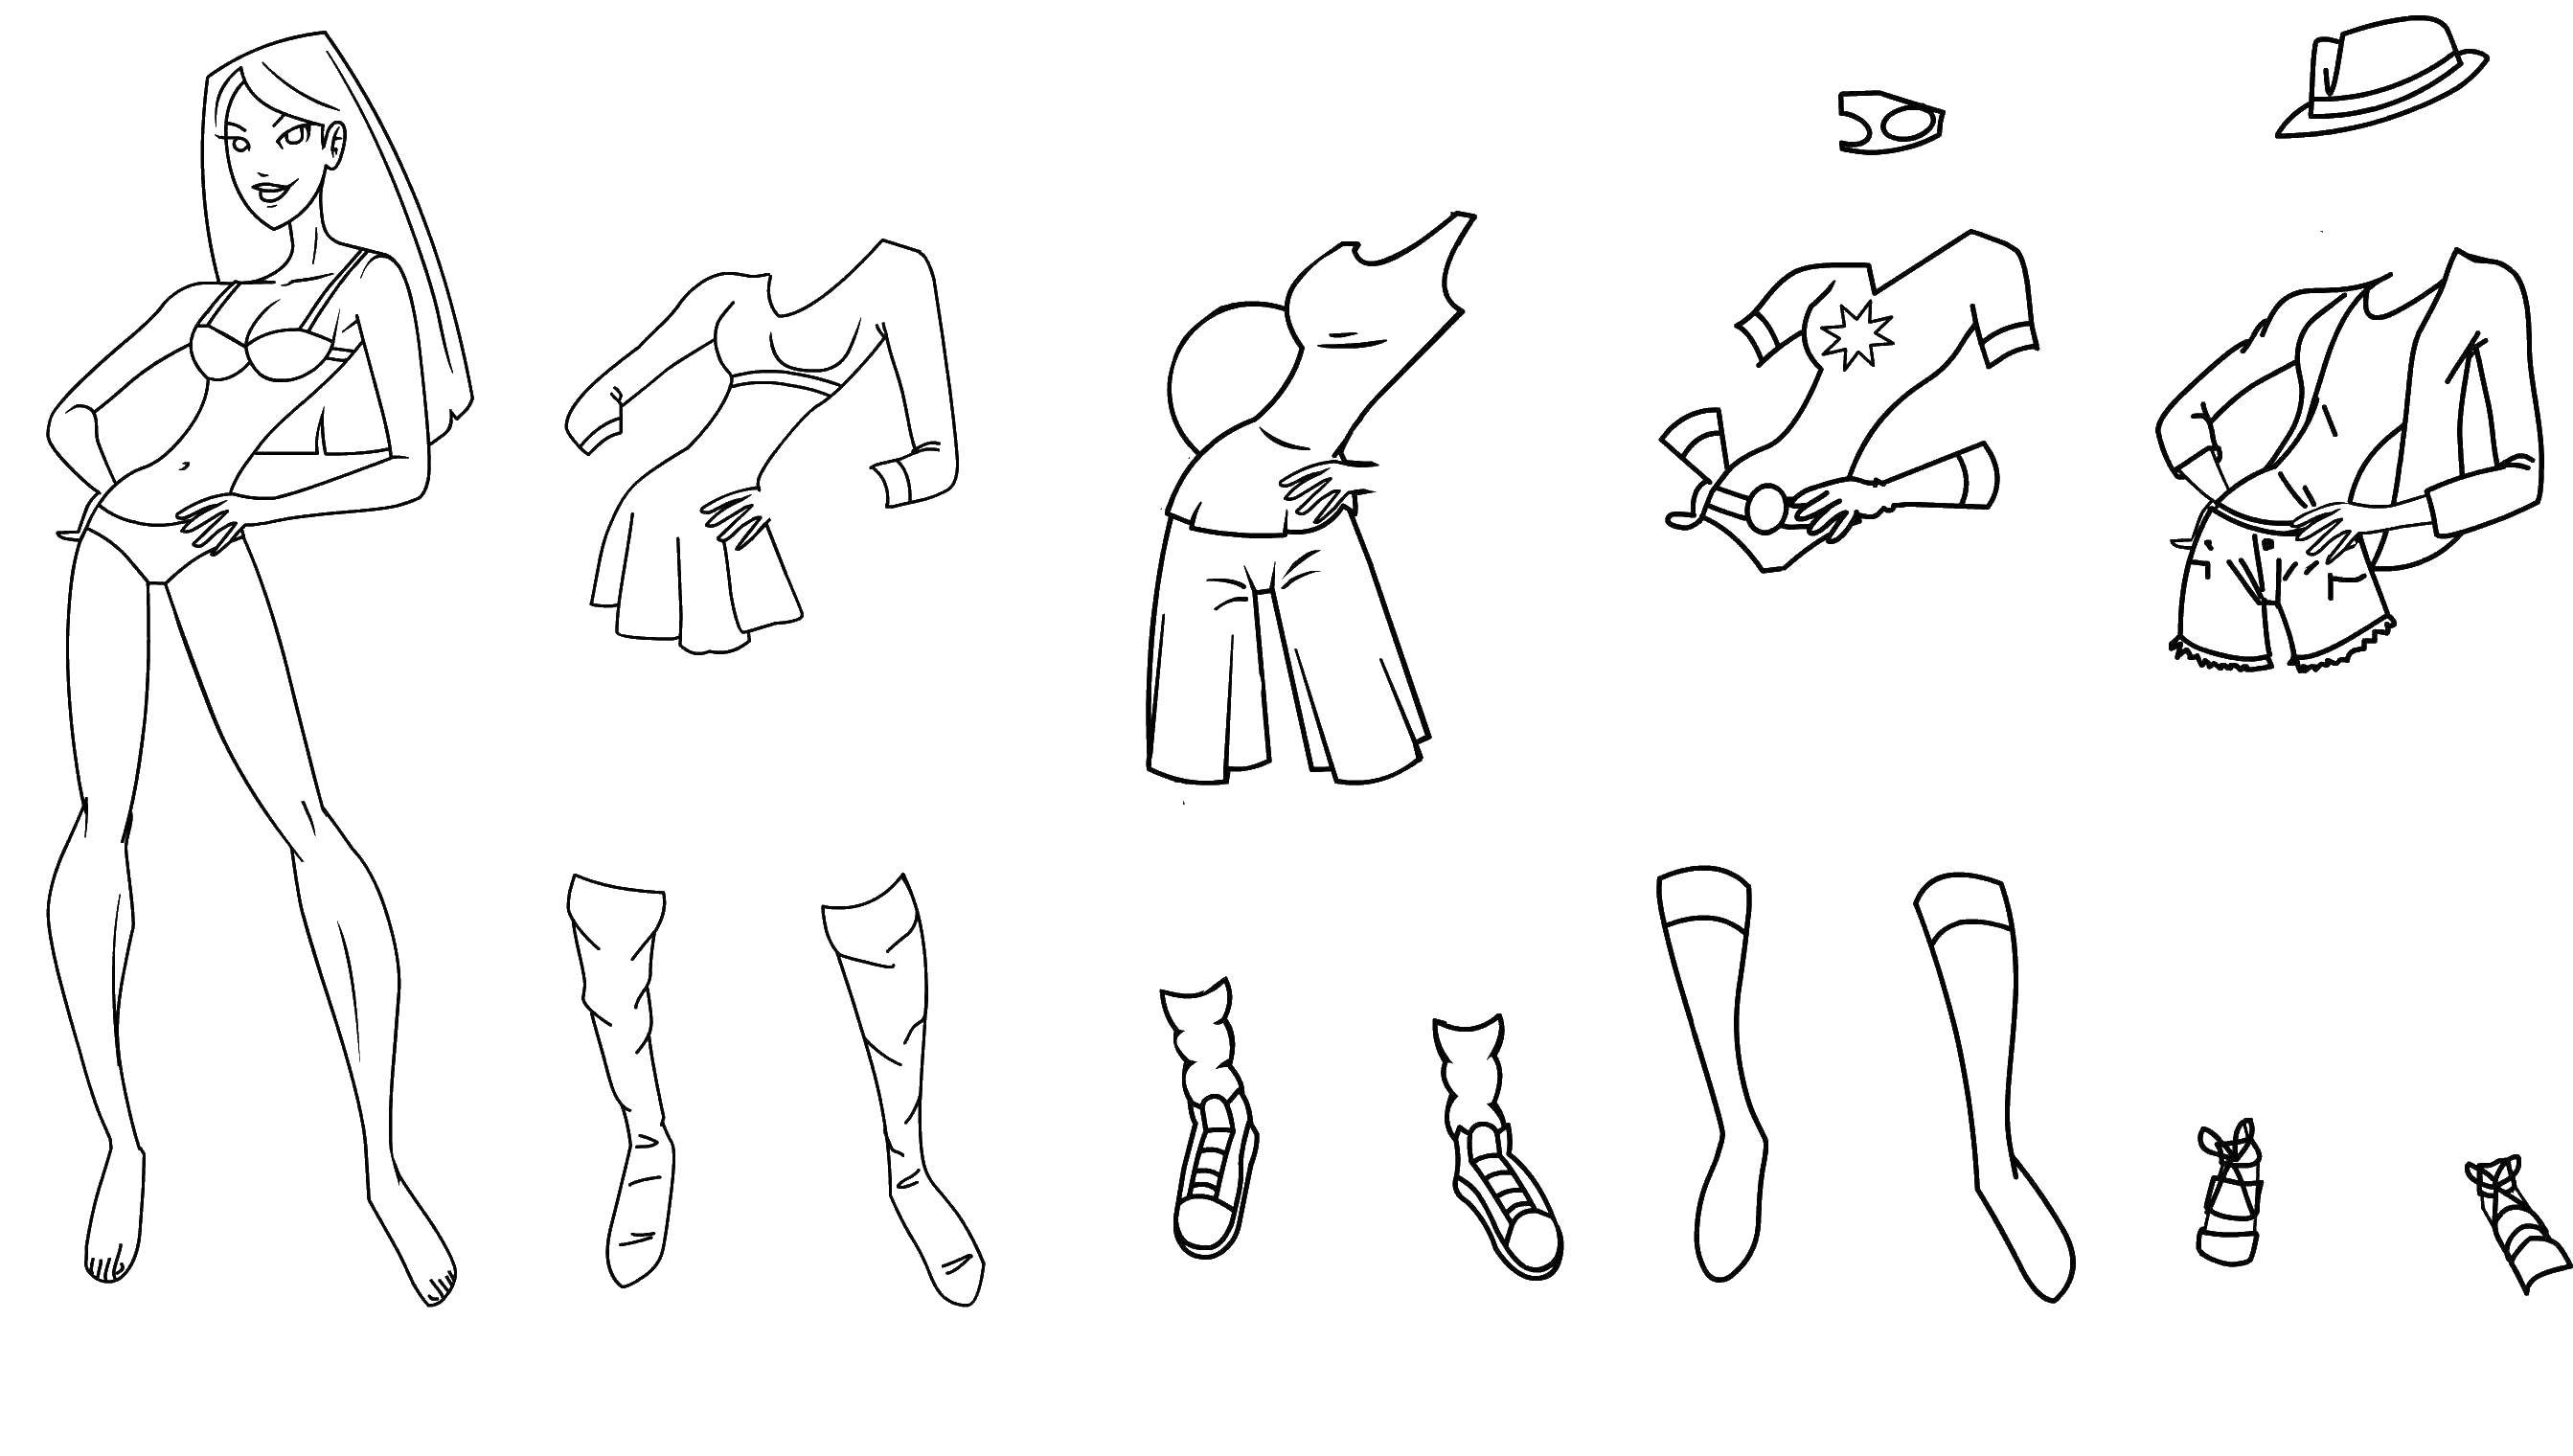 Раскраска Одежда Скачать Персонаж из мультфильма, Белоснежка, Гномы.  Распечатать ,Персонаж из мультфильма,